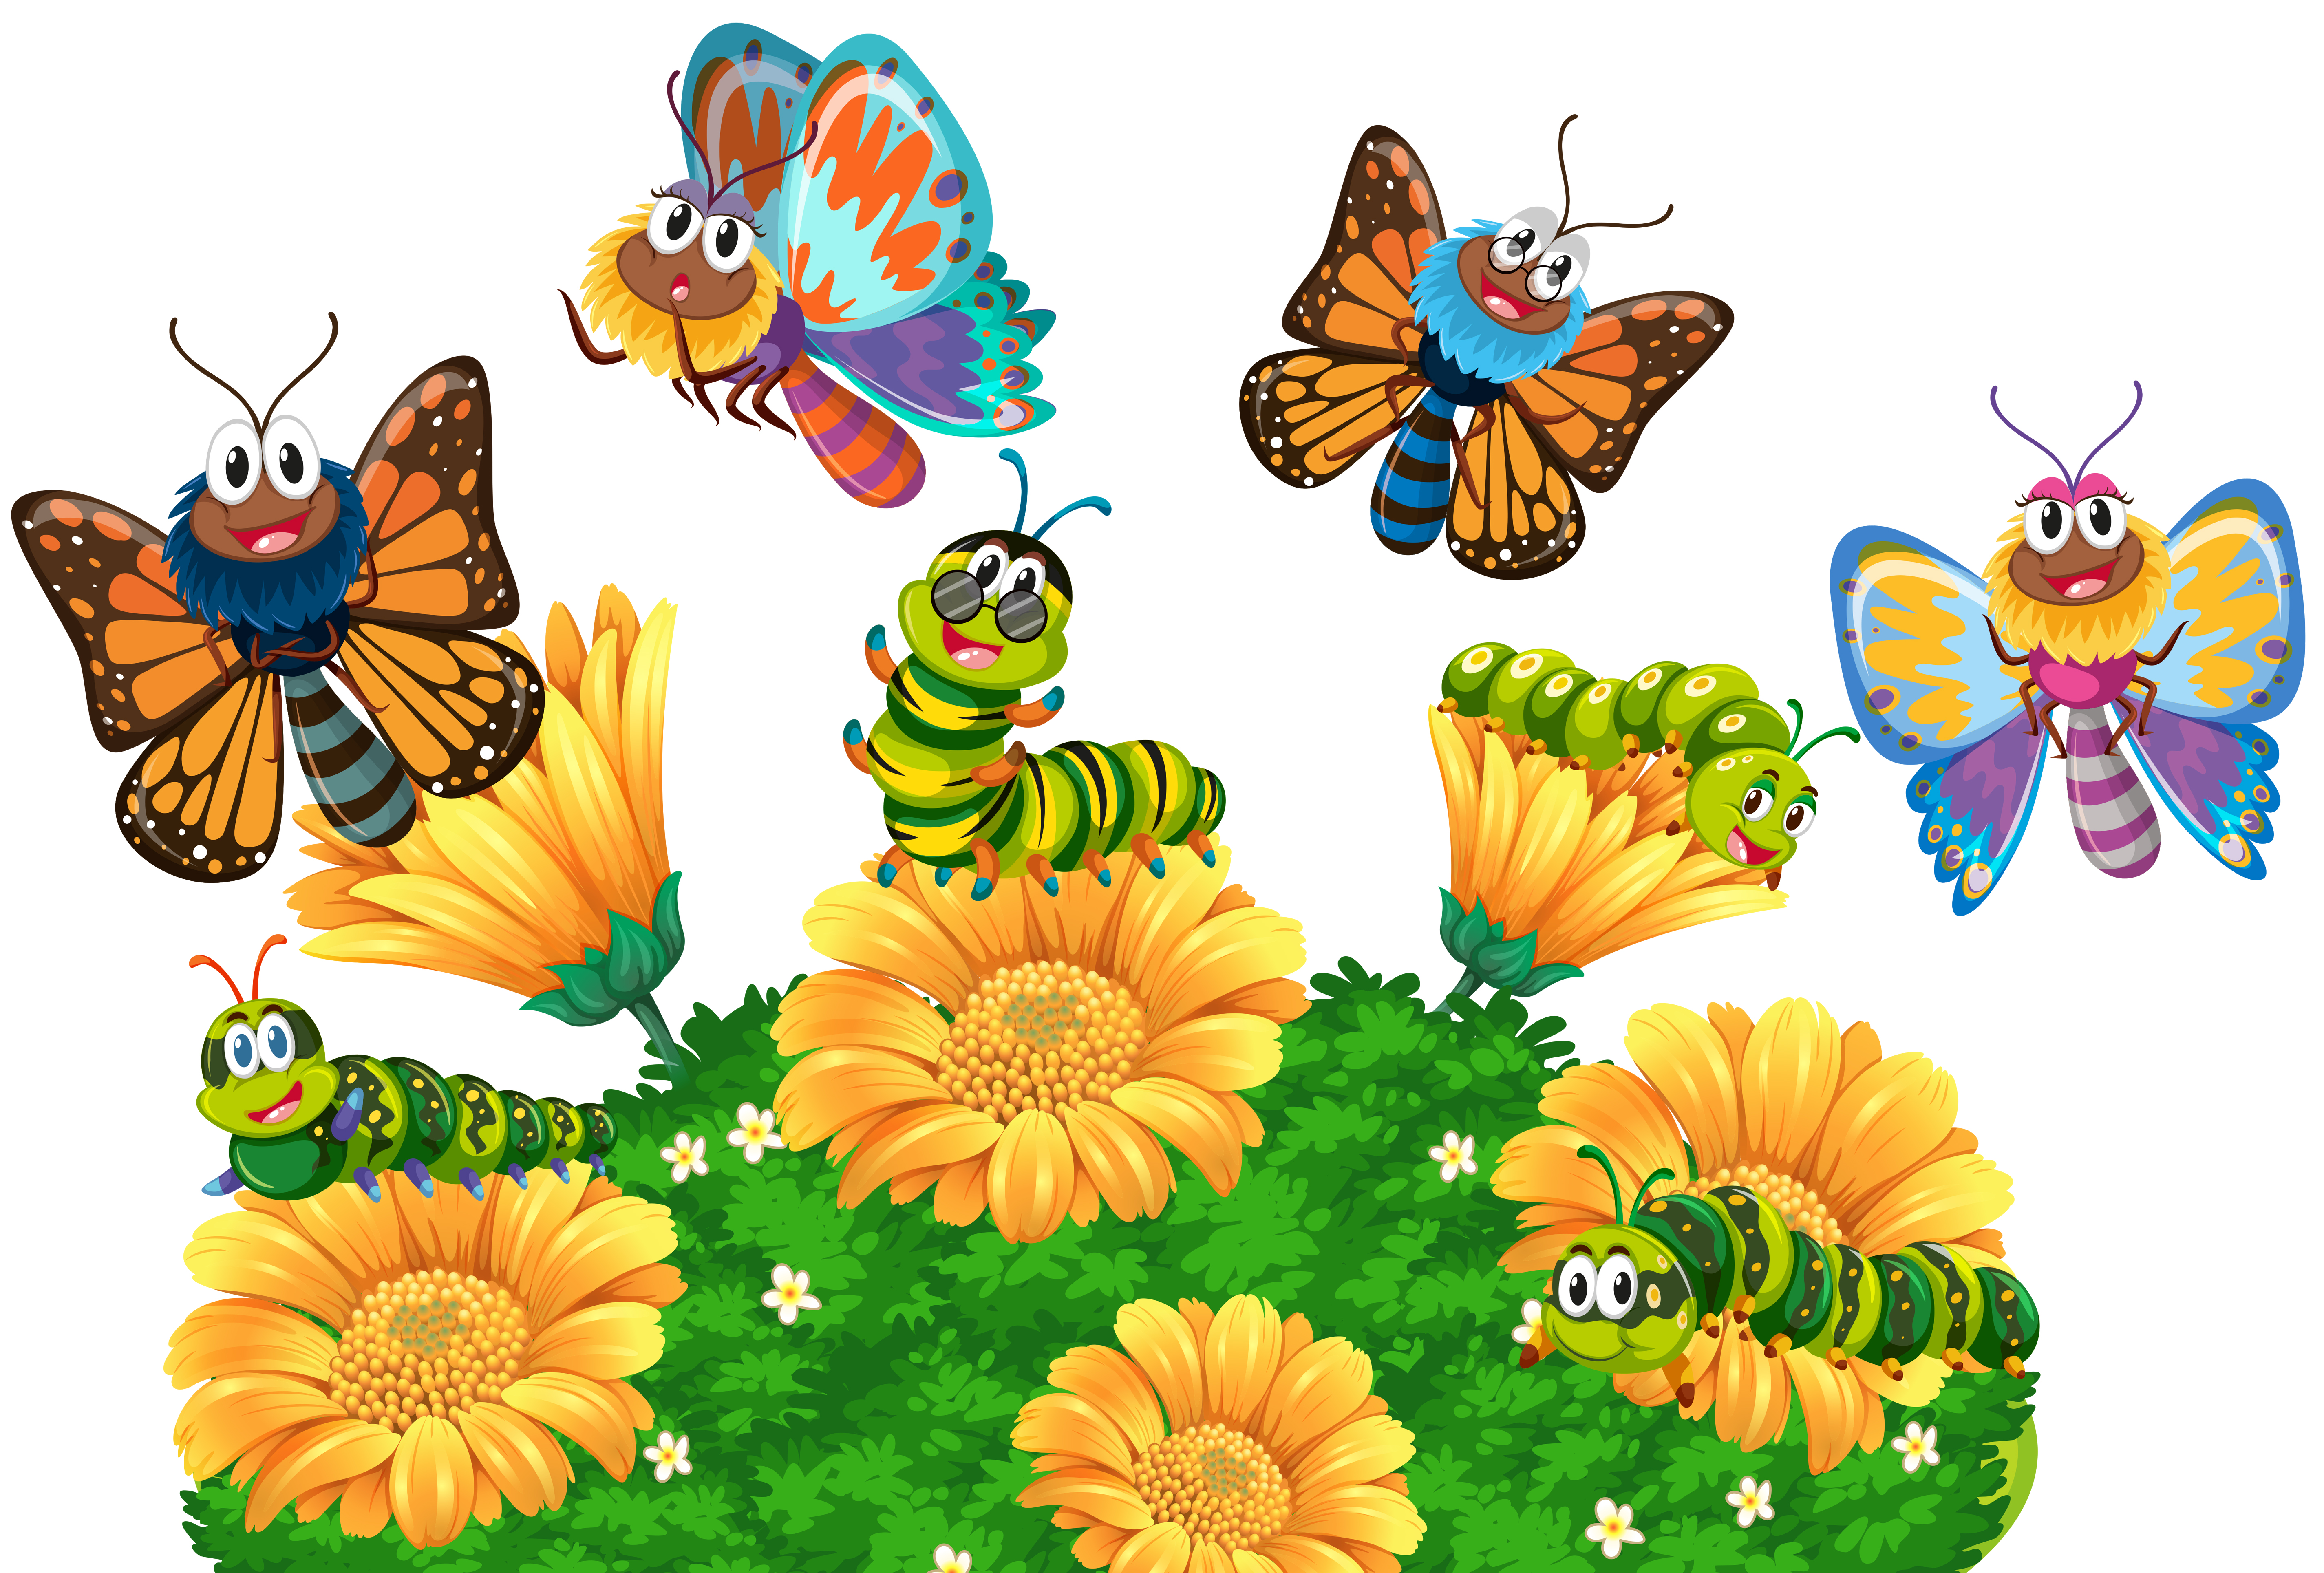 Caterpillars and butterflies in the garden - Download Free ... (5701 x 3859 Pixel)